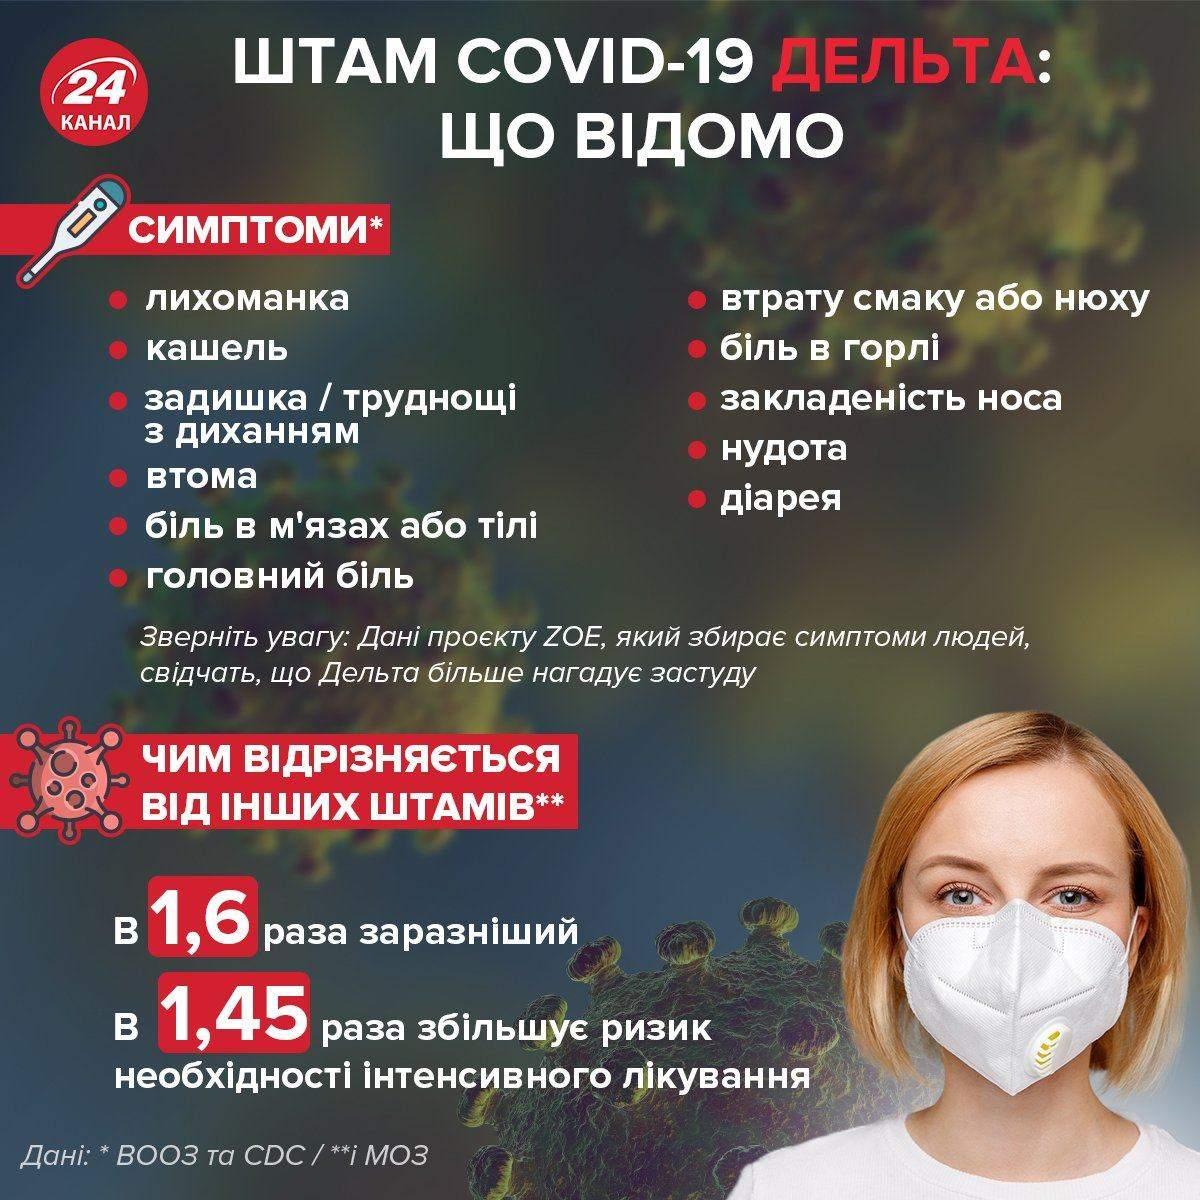 Штам Дельта Симптоми Новини Львова